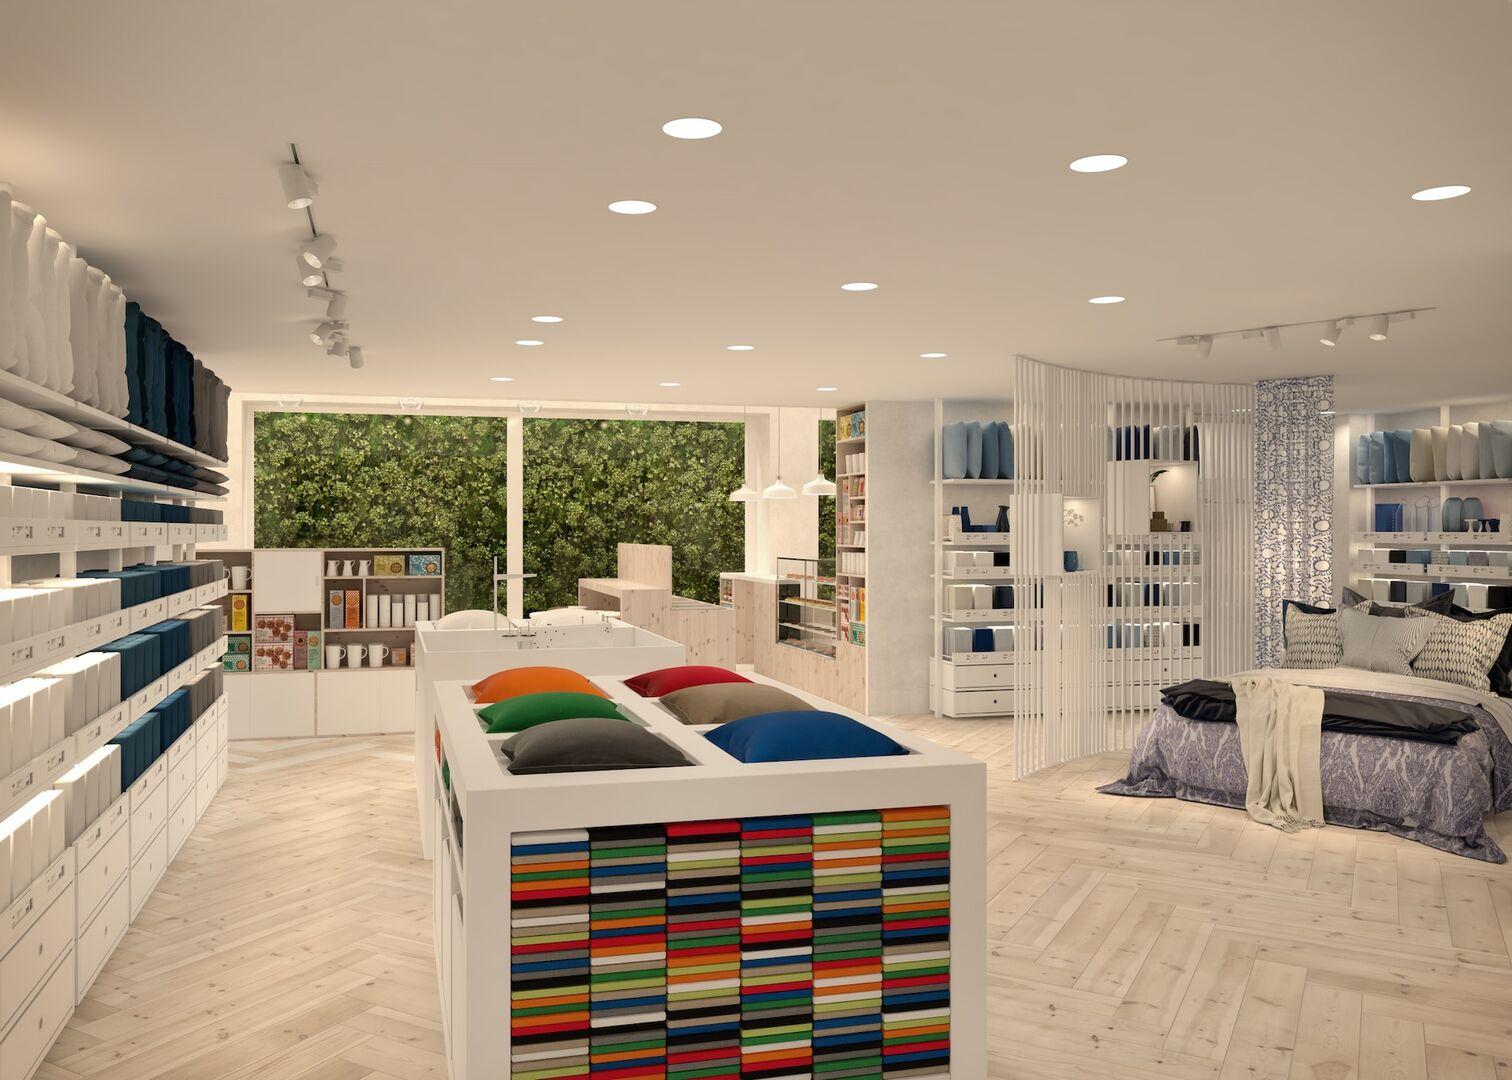 Ikea abrirá una tienda en el centro de Madrid por más de 6